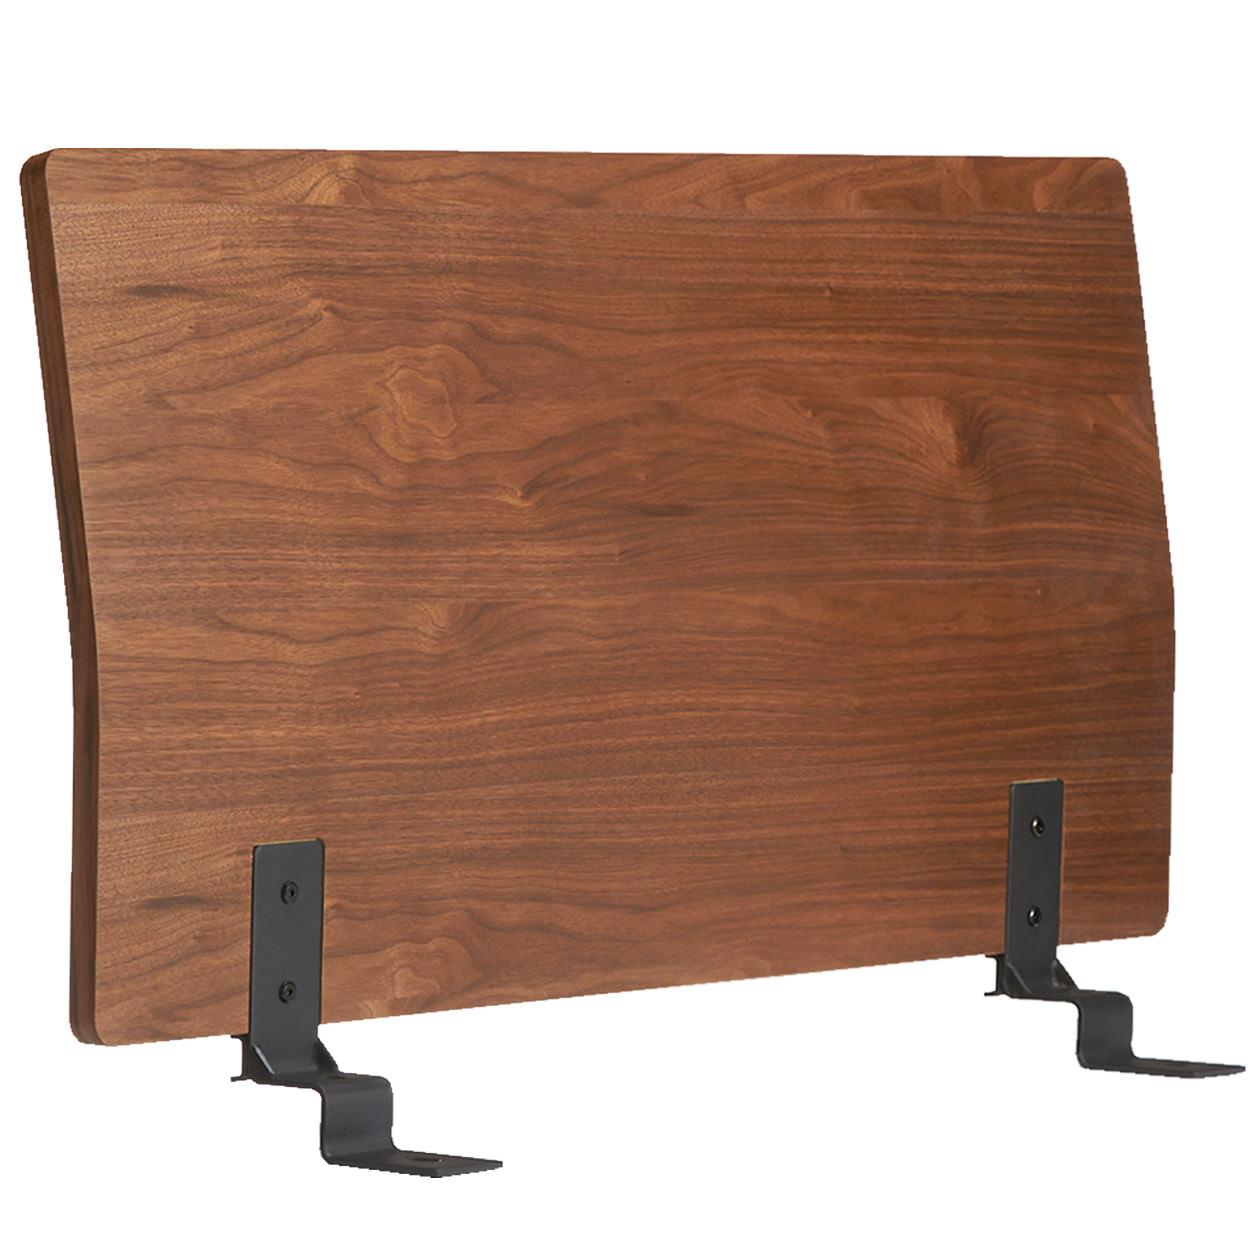 ベッドフレーム用ヘッドボード・シングル・ウォールナット材